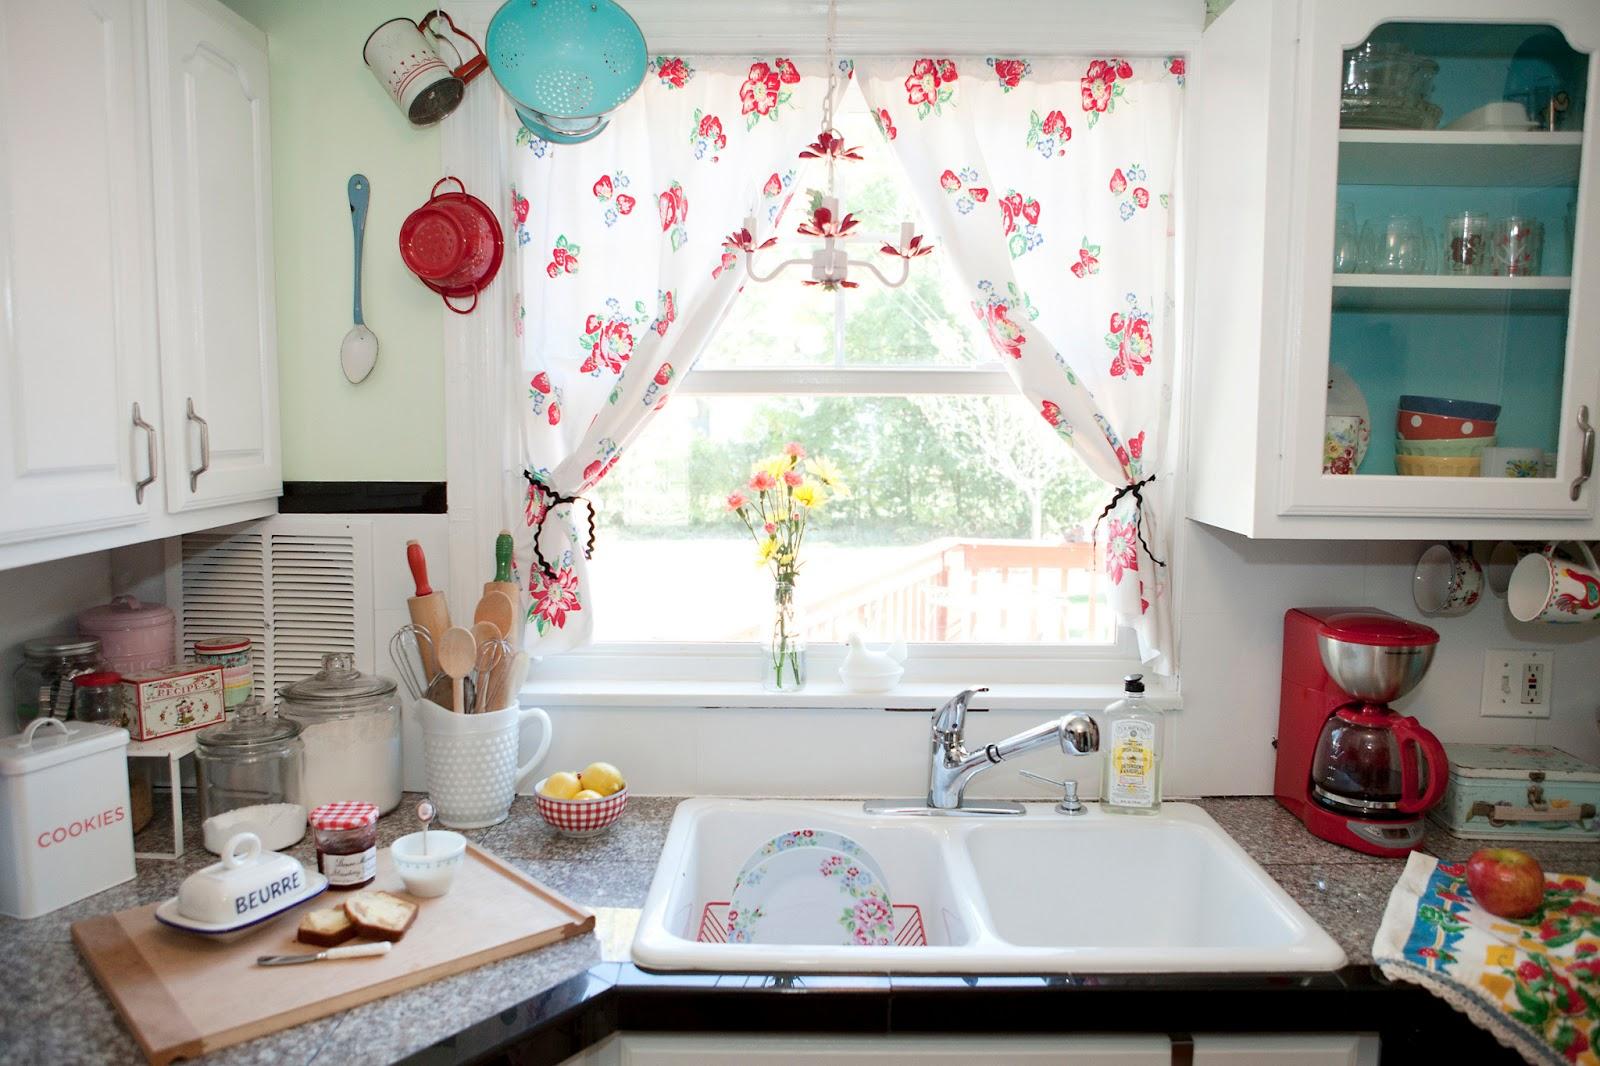 gardiner-køkken-vindue-ideer-inde-gardiner-køkken-vindue-ideer-fantastiske-5-køkken-gardin-ideer-til-dig